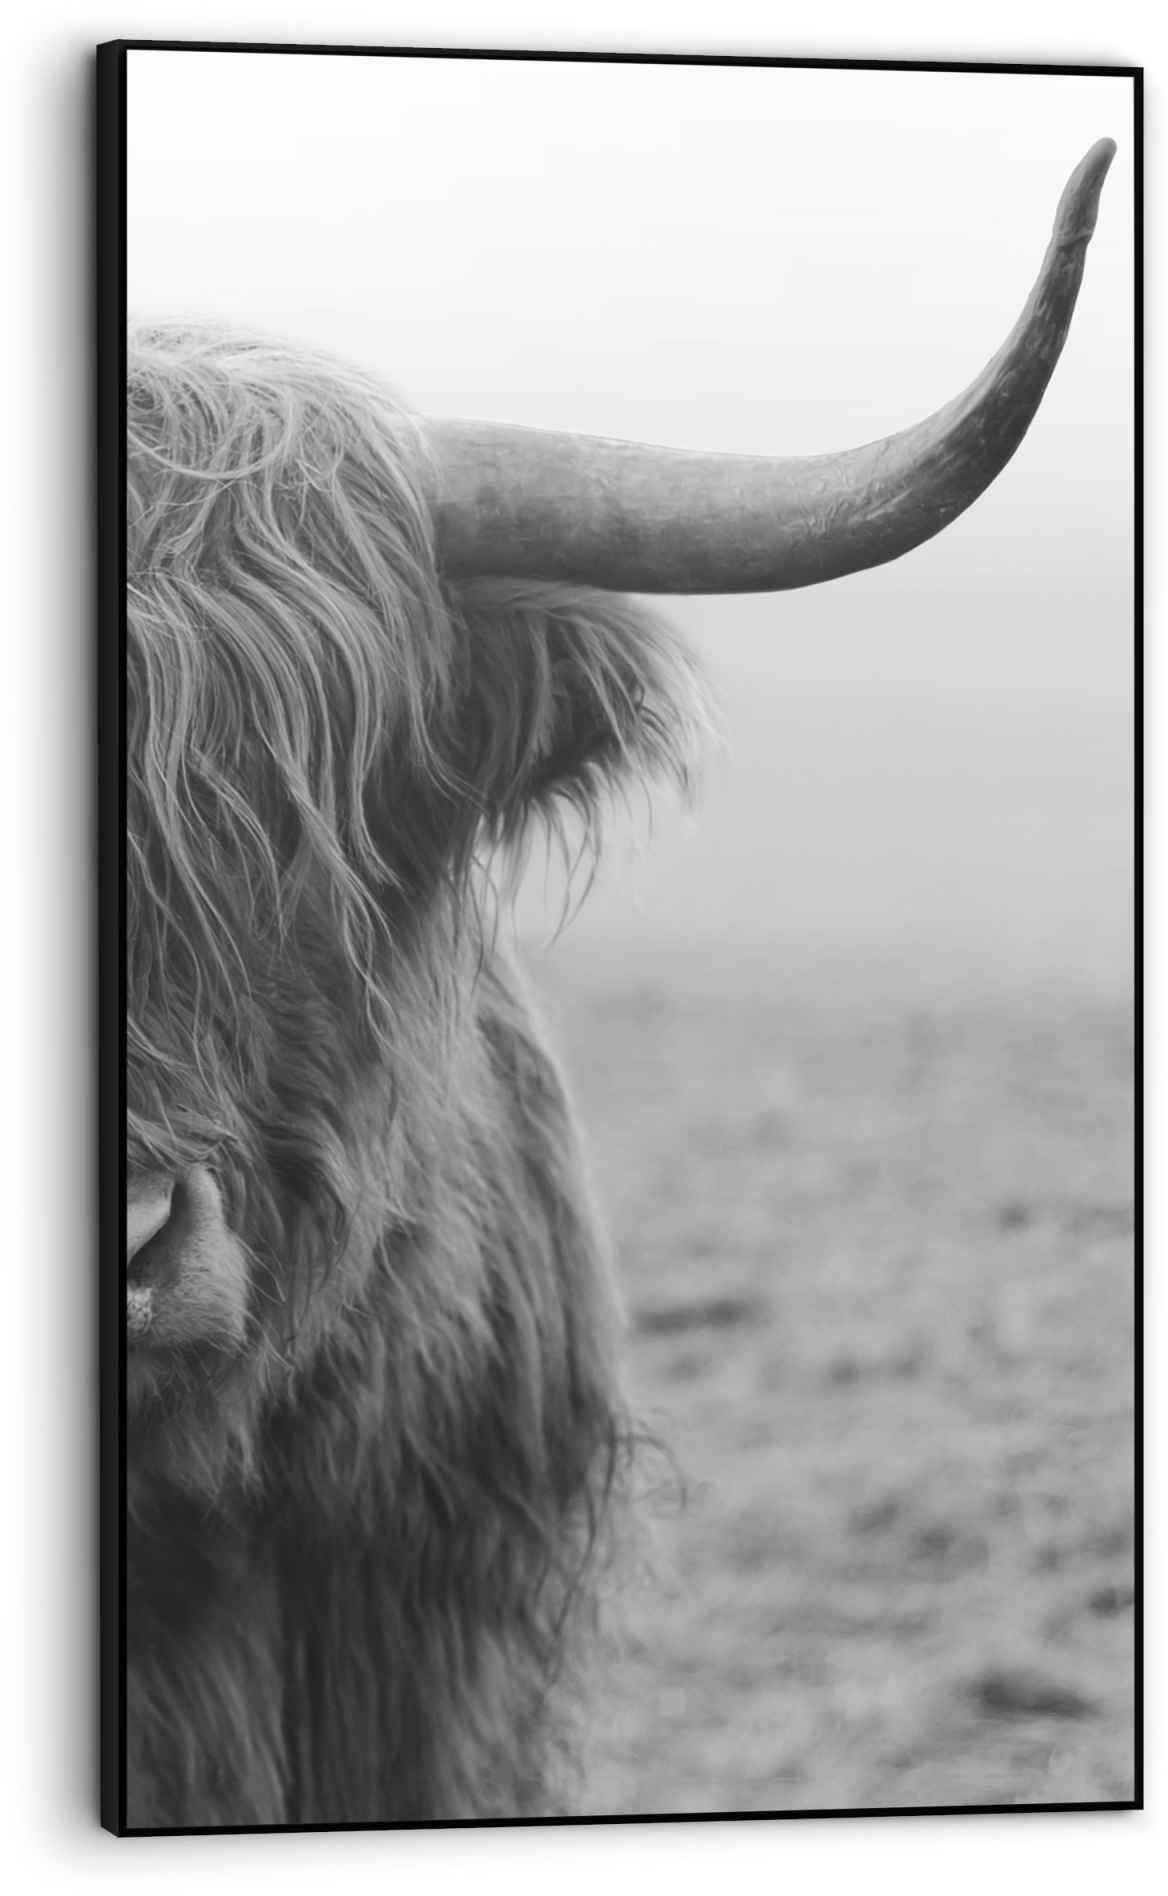 Op zoek naar een Reinders! Wanddecoratie Ingelijste print Highlander stier - Schotse - close-up (1 stuk)? Koop online bij OTTO